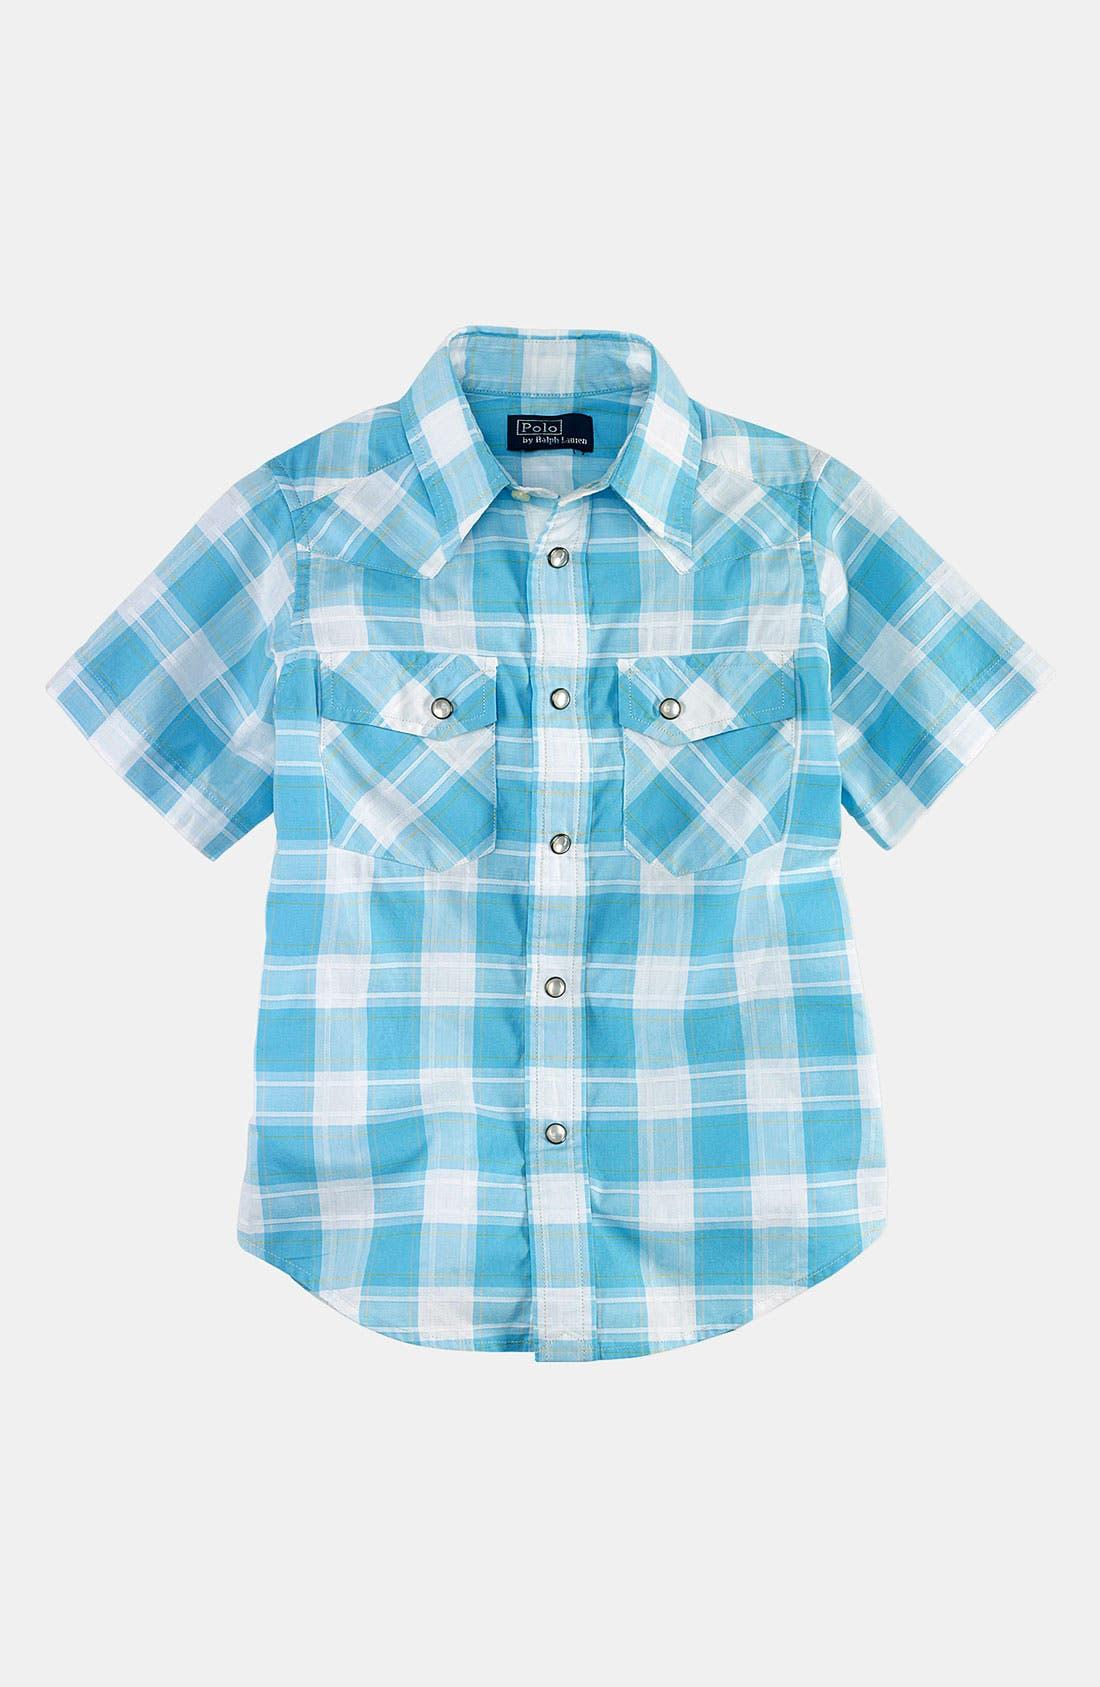 Main Image - Ralph Lauren Short Sleeve Shirt (Toddler)